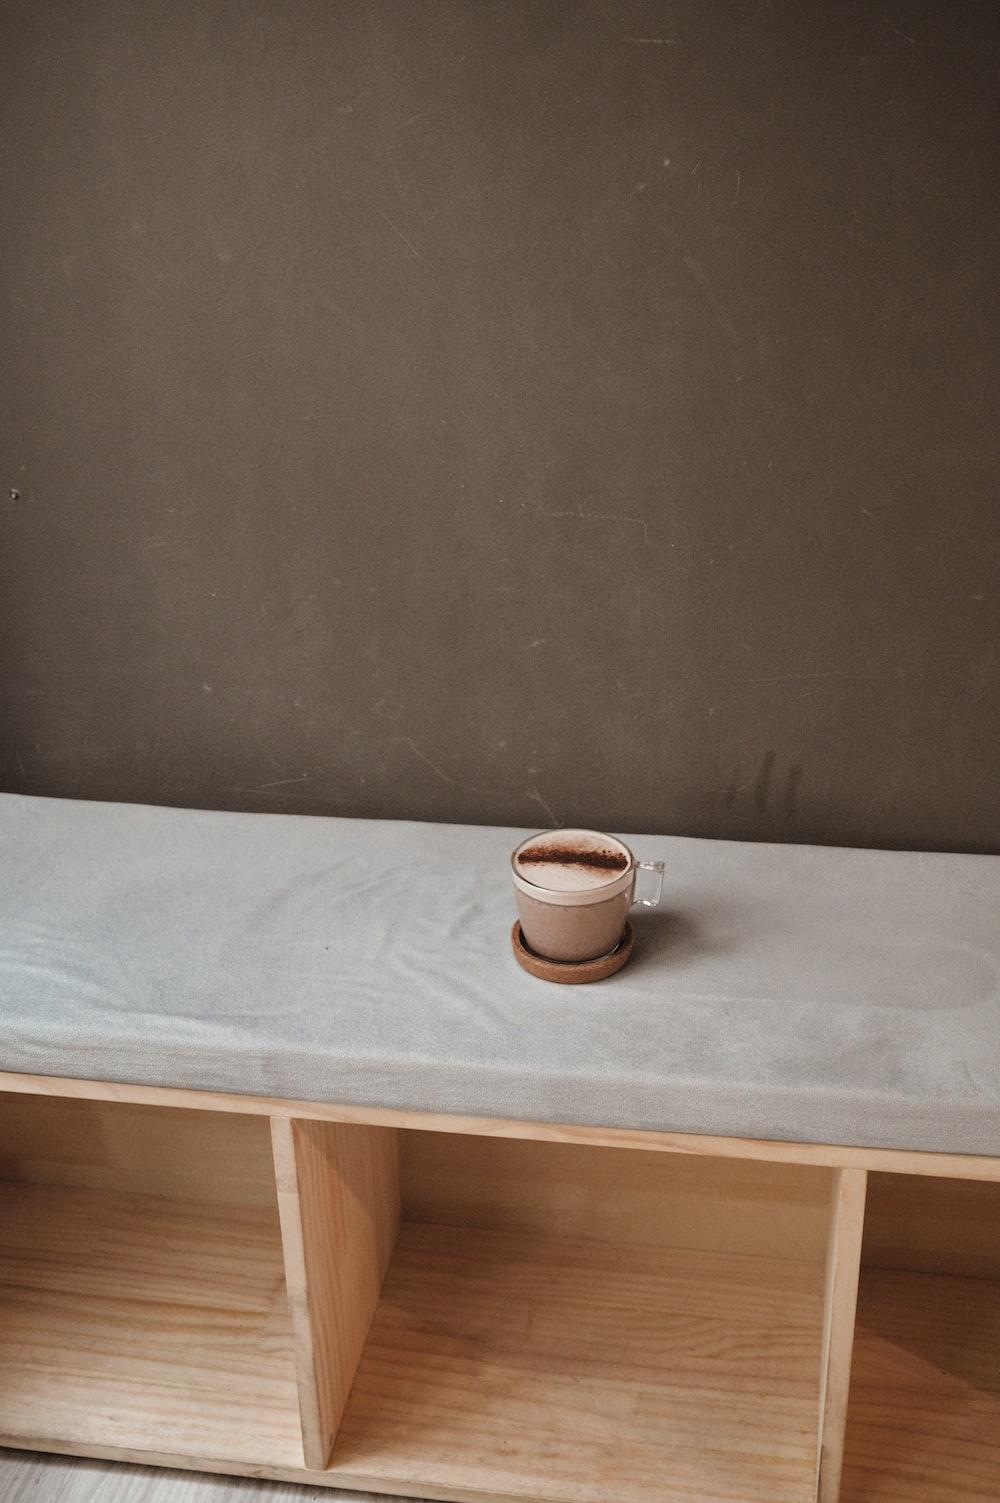 white ceramic mug on white ceramic saucer on white table